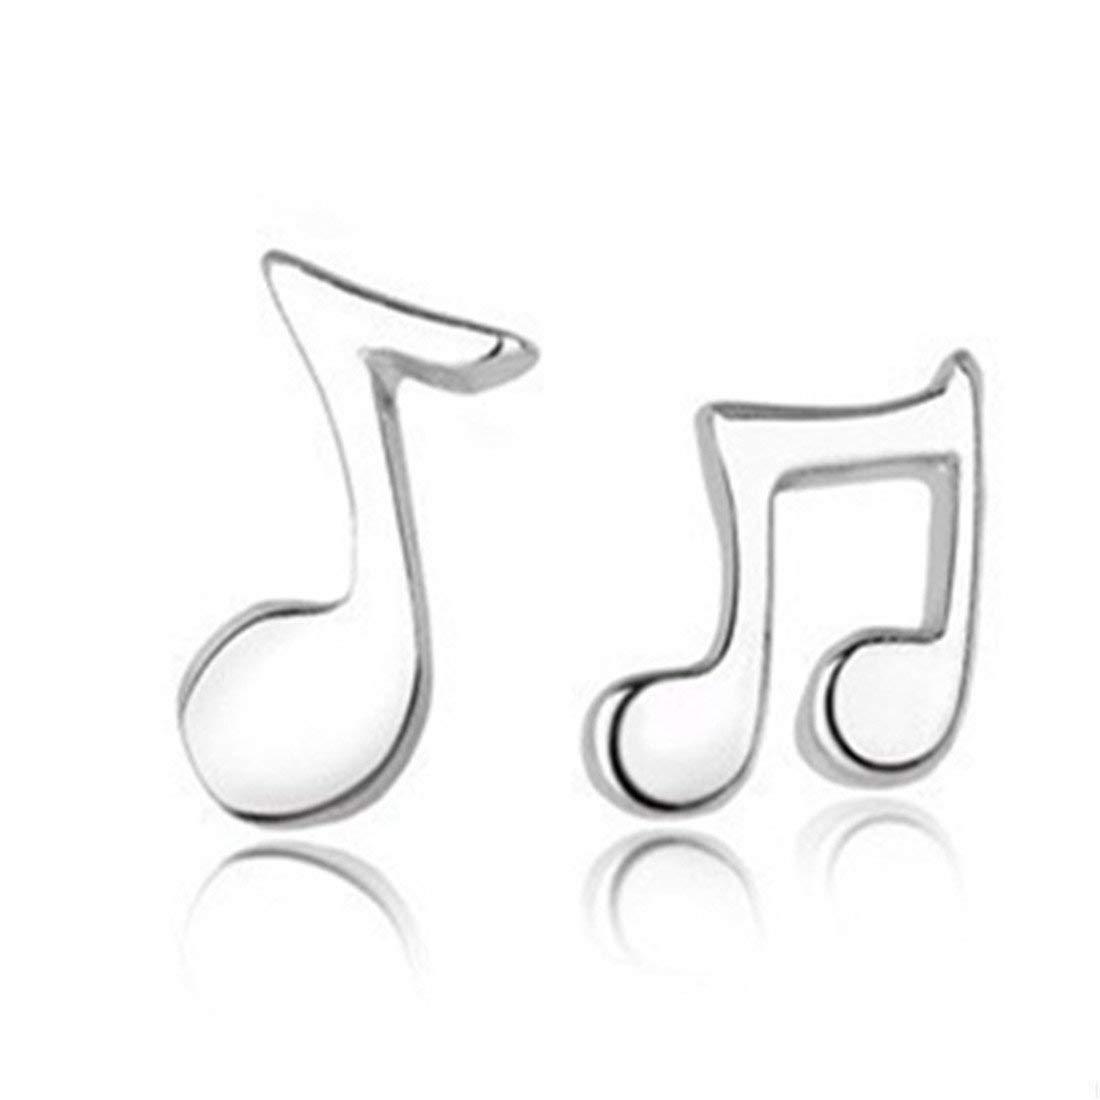 Cute Music Note Earrings, Silver Music Earrings, Note Earrings, Cute Earrings, Music Studs, Music Jewelry